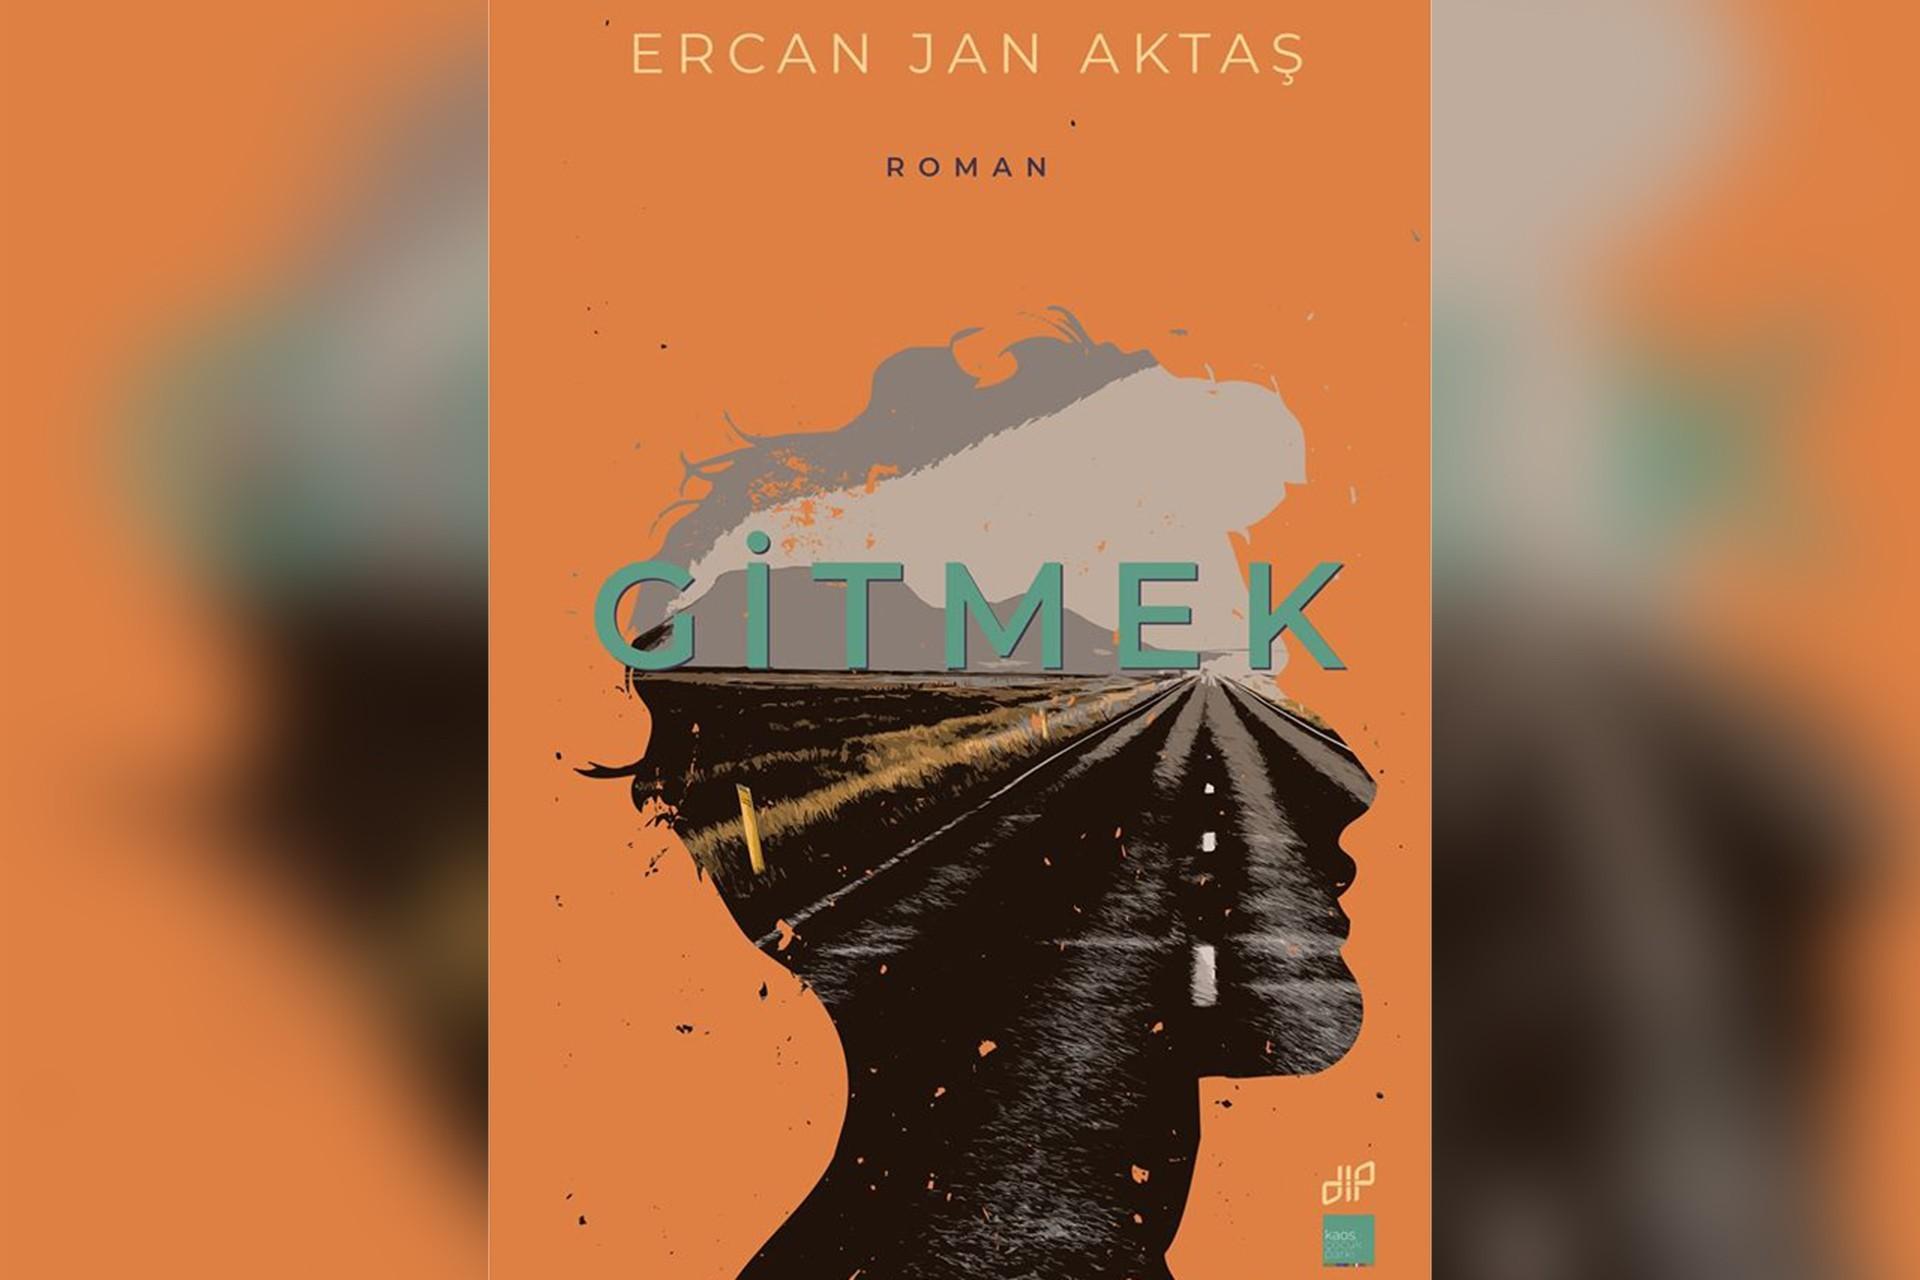 Ercan Jan Aktaş'ın